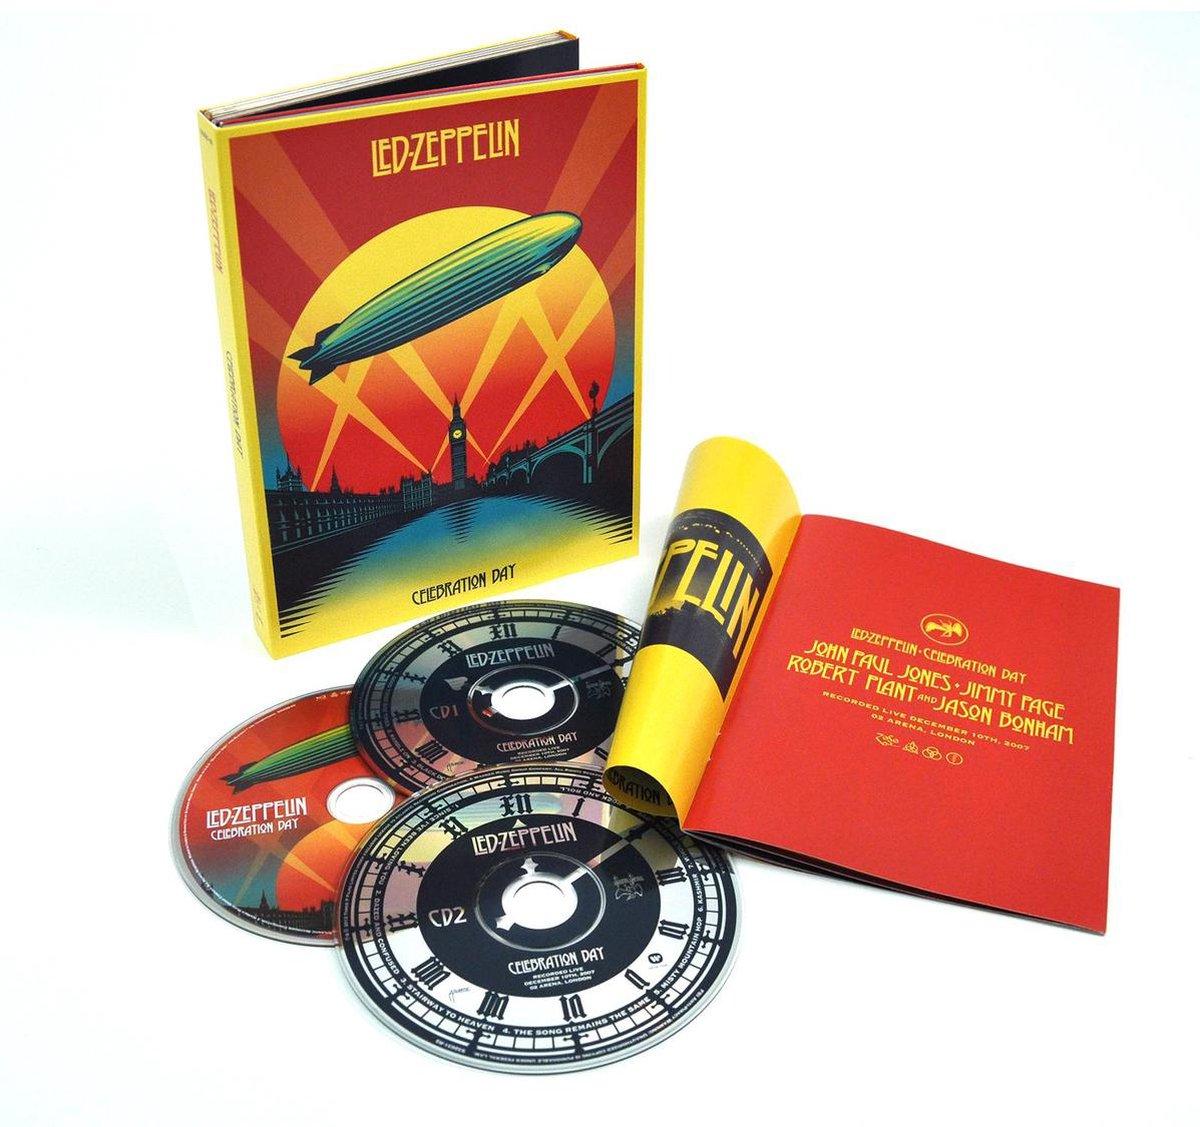 Celebration Day (Dvd+2Cd) - Led Zeppelin